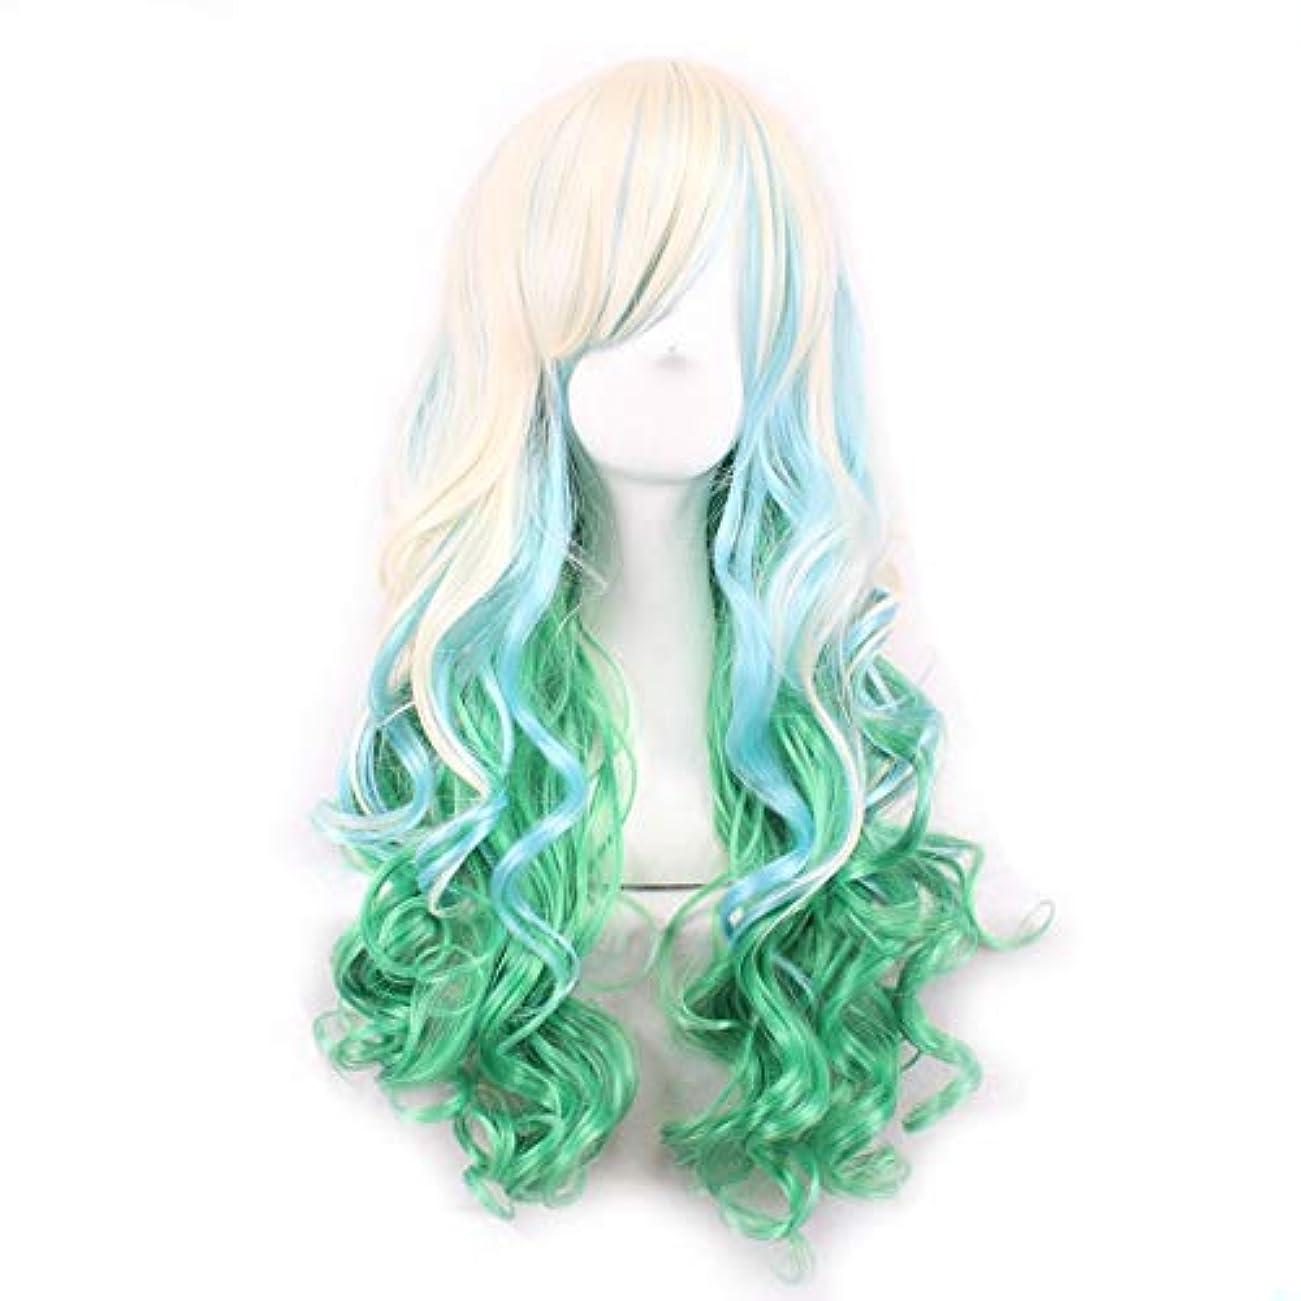 専制ゴム打倒ウィッグキャップでかつらファンシードレスカールかつら女性用高品質合成毛髪コスプレ高密度かつら女性&女の子用グリーン、ダークグリーン (Color : 緑)